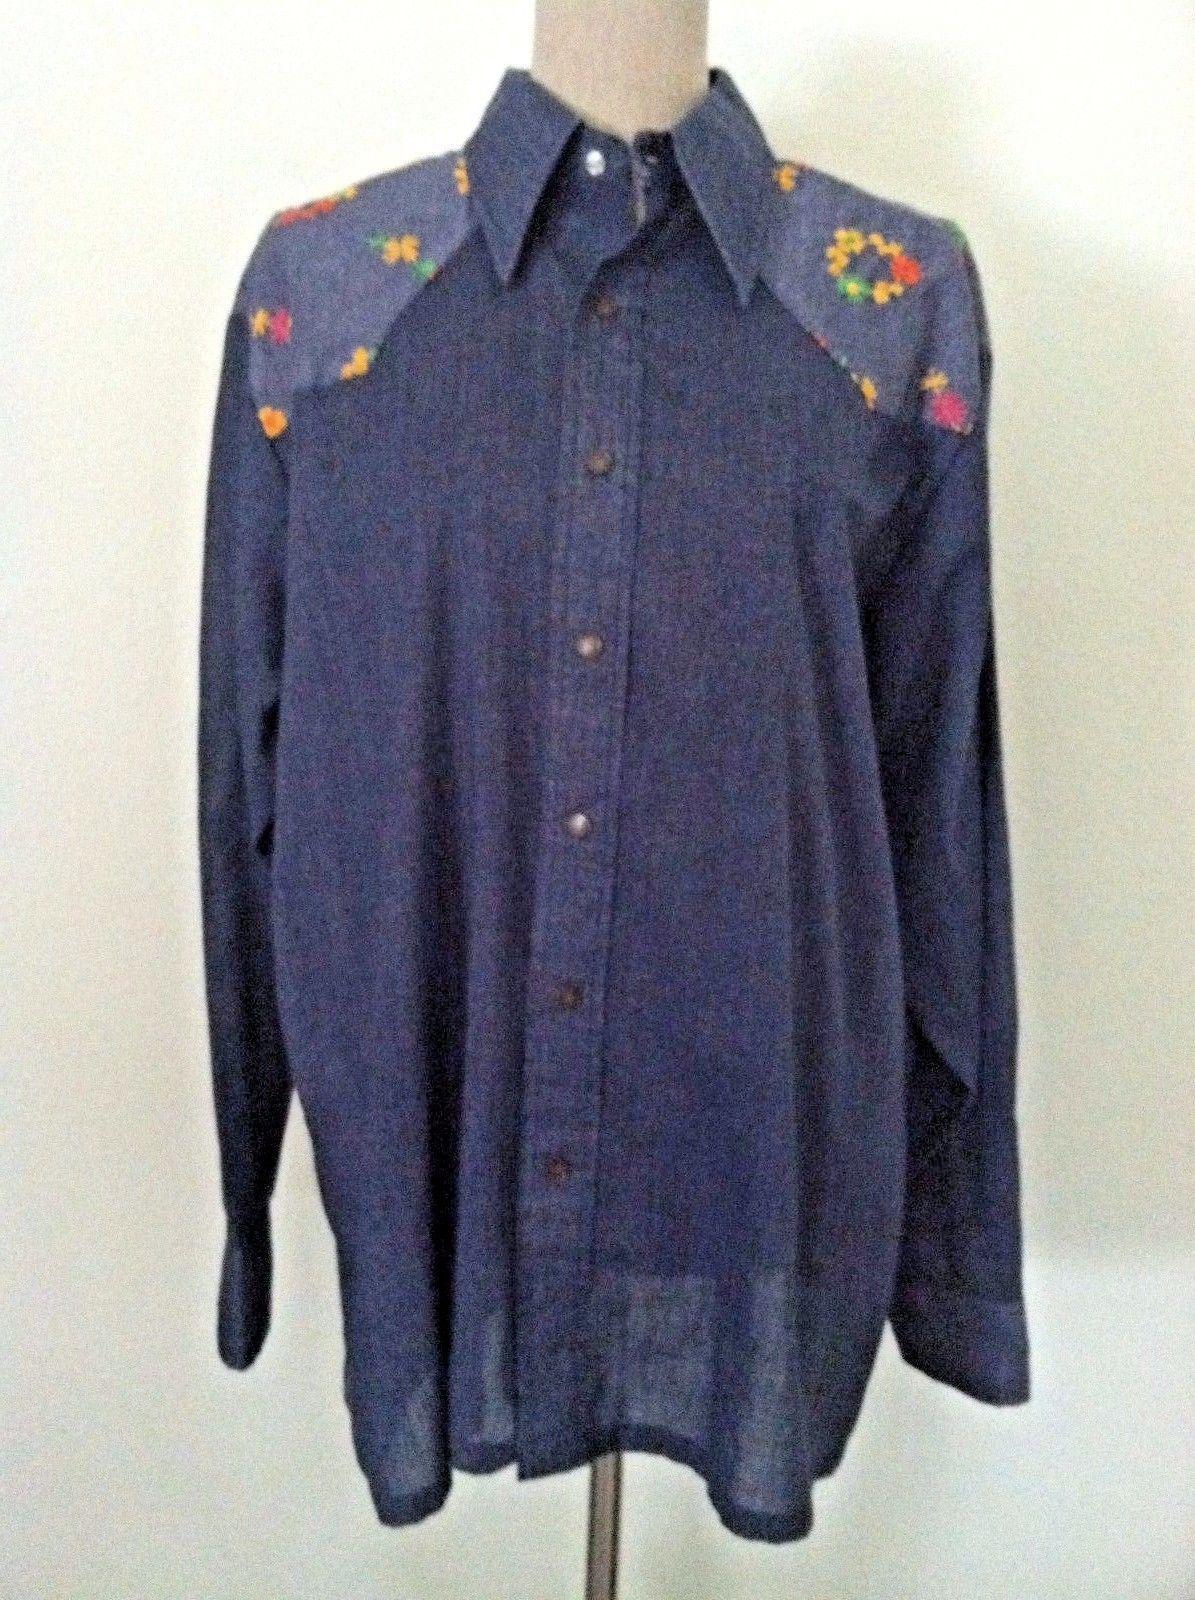 1c1acc800de Vintage 70 s Wrangler women shirt Western snap button down floral  embroidery M L -  50.86